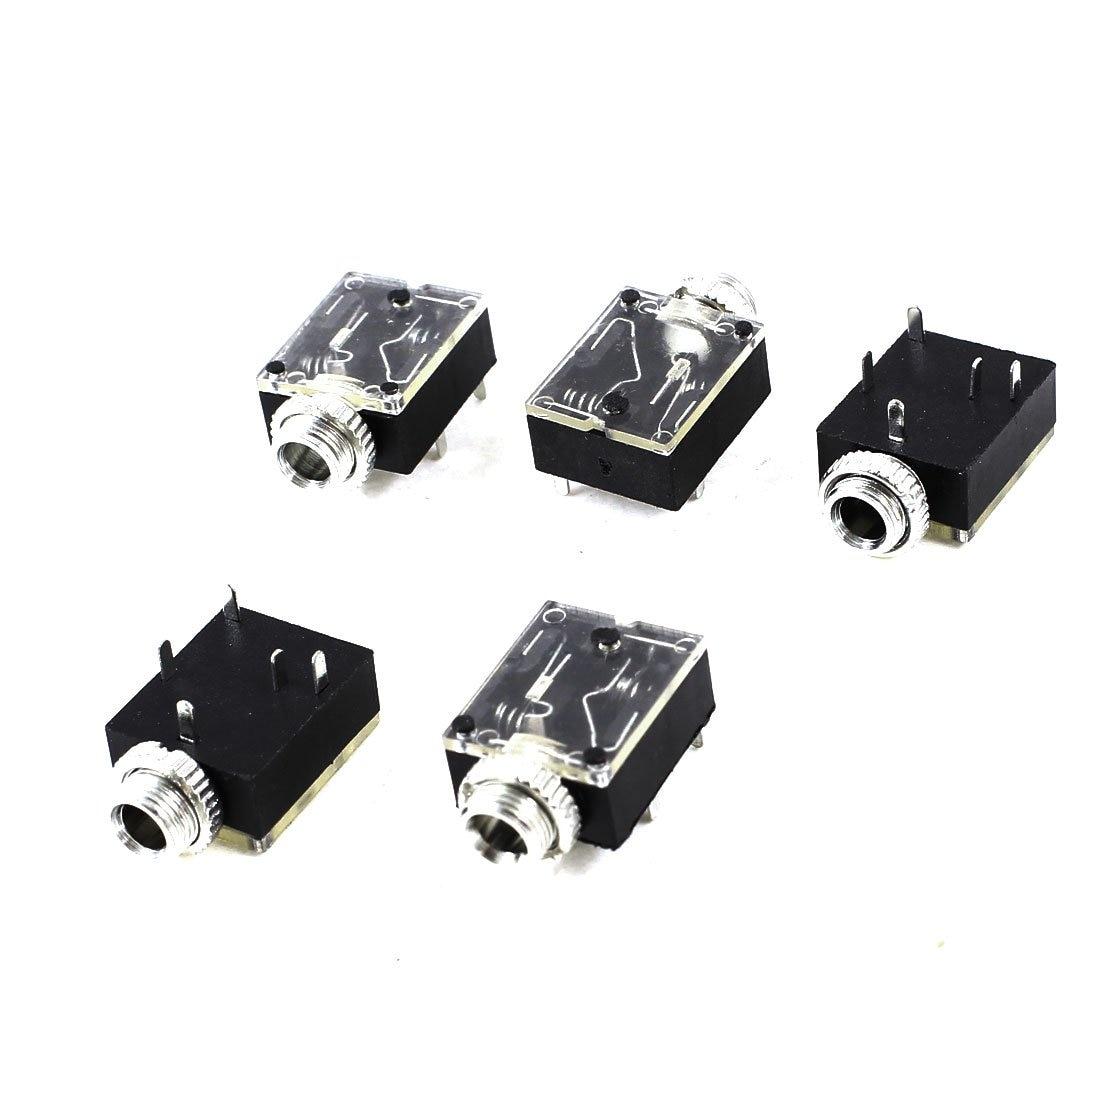 Unterhaltungselektronik Top 5 Stücke 5 Pin 3,5mm Audio Mono Jack Socket Pcb Panel Mount Für Kopfhörer SchnäPpchenverkauf Zum Jahresende Funkadapter